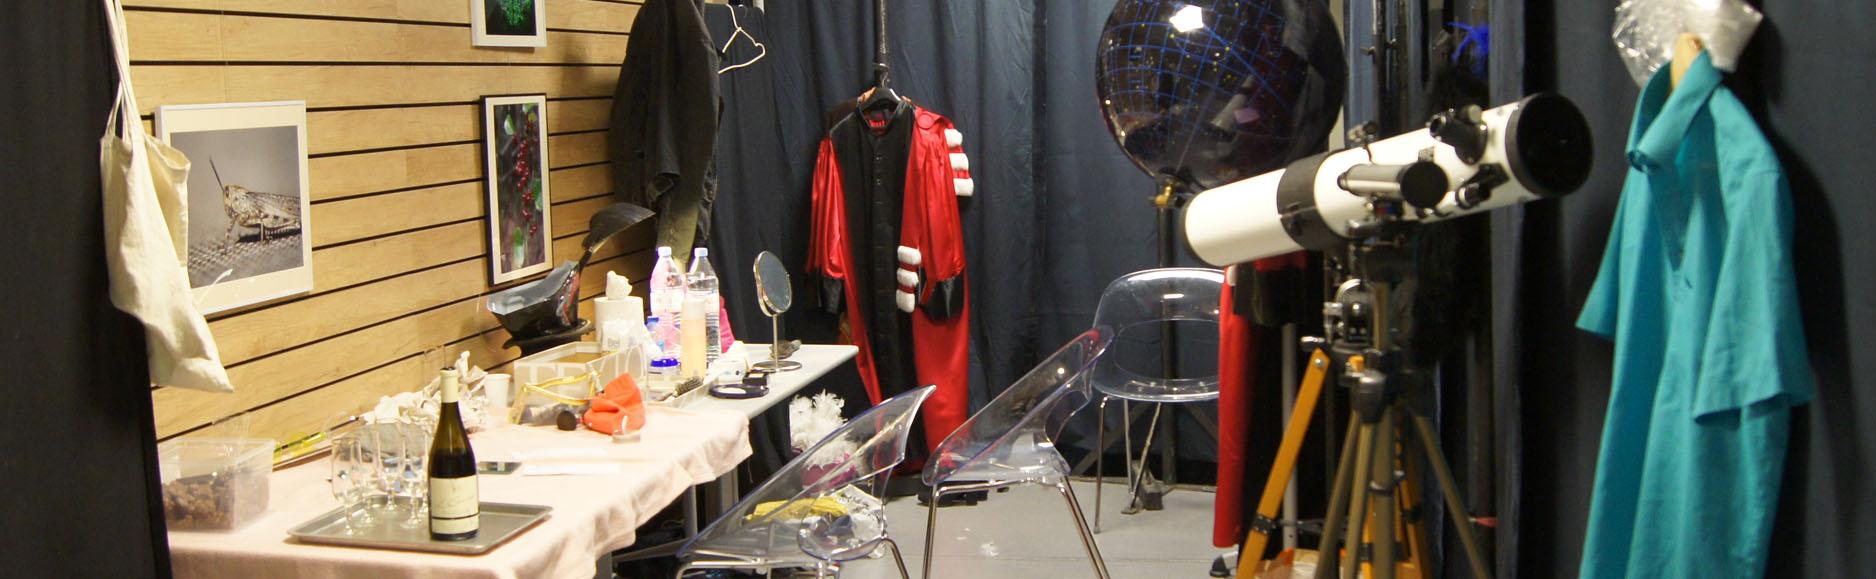 Coulisses de théâtres où l'on voit des costumes et des accessoires.